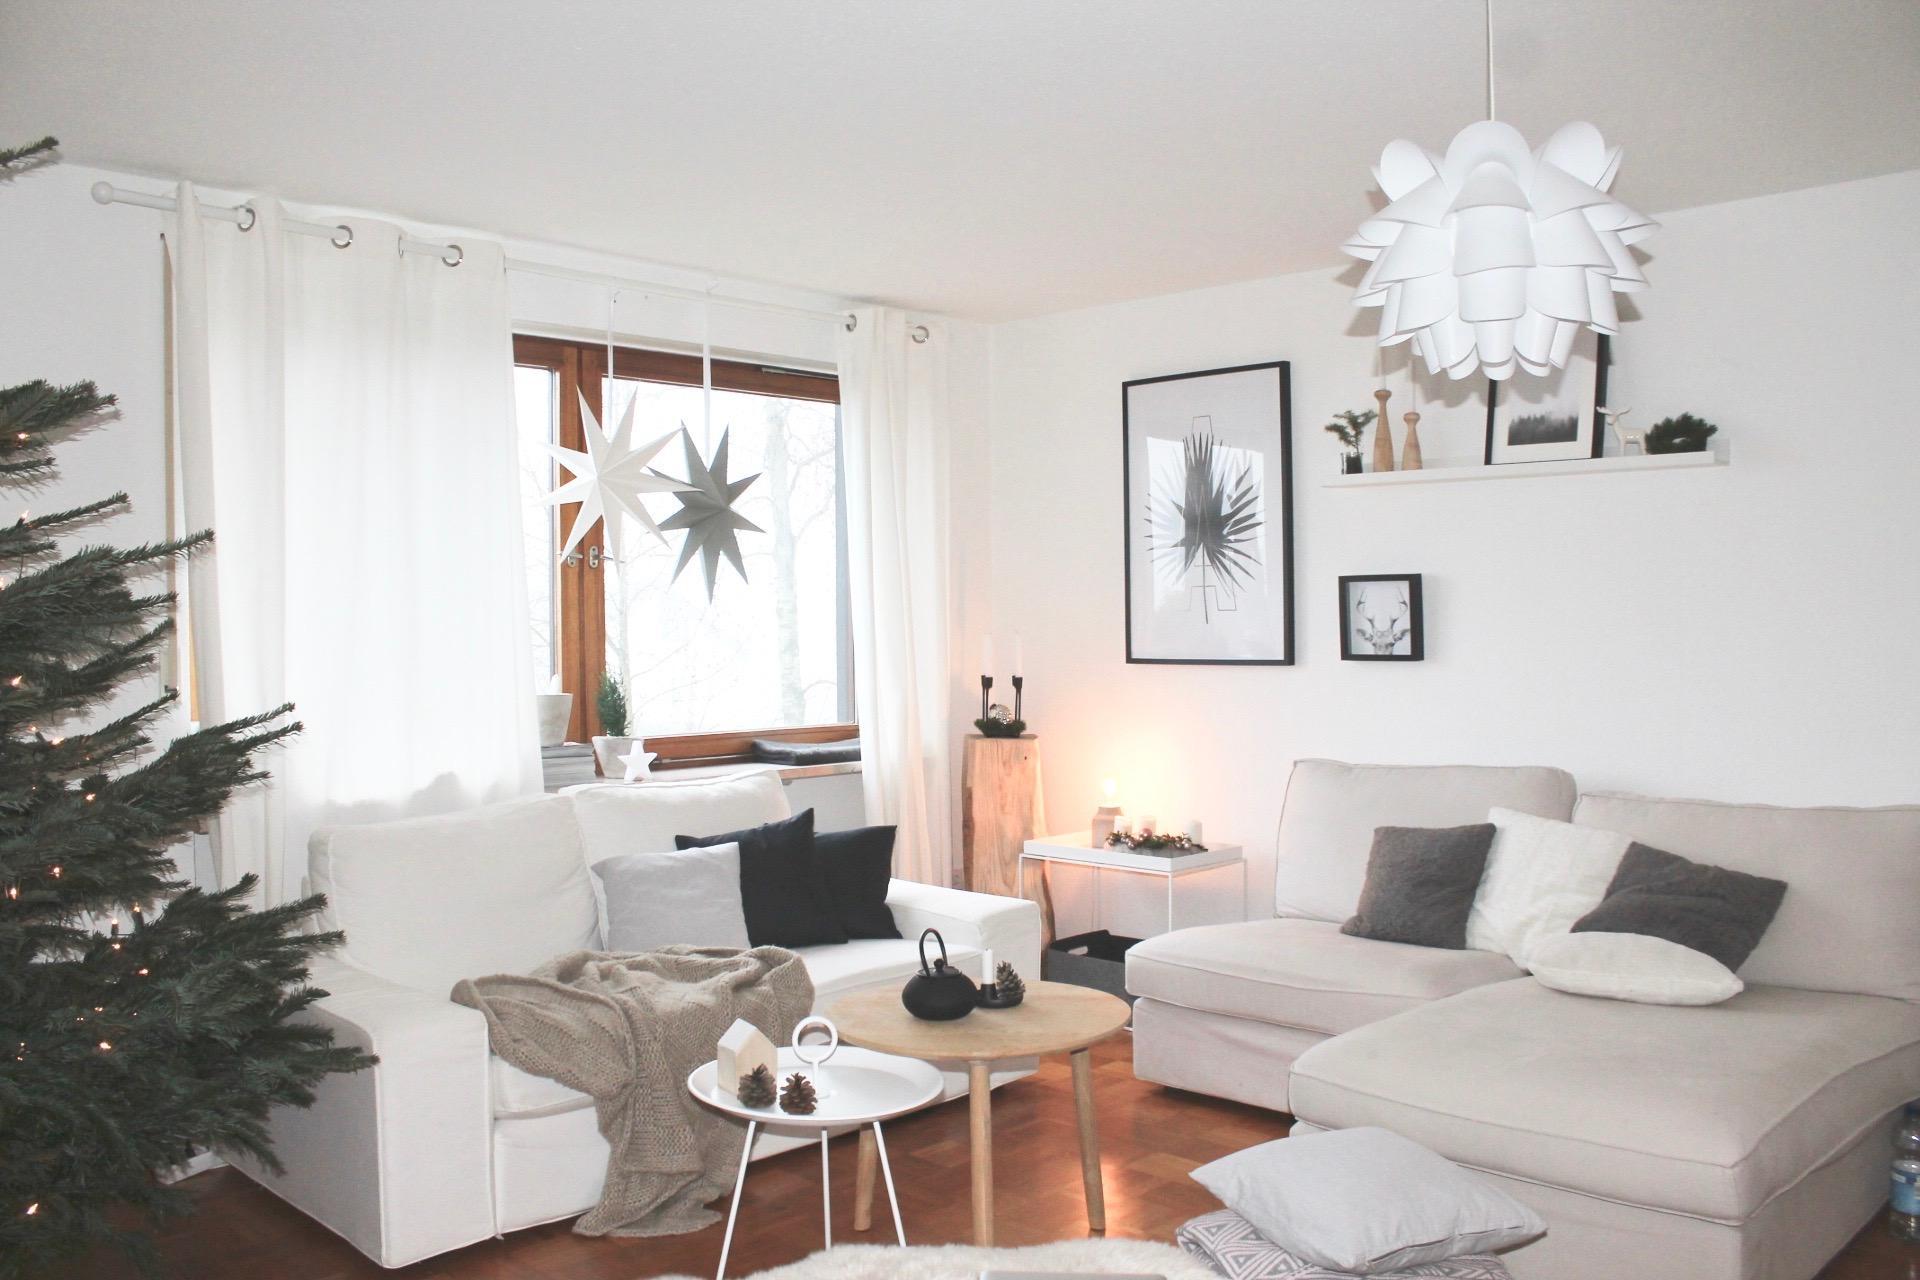 weihnachtswohnzimmer #wohnzimmer #kissen #kerzenstän • couchstyle, Wohnzimmer